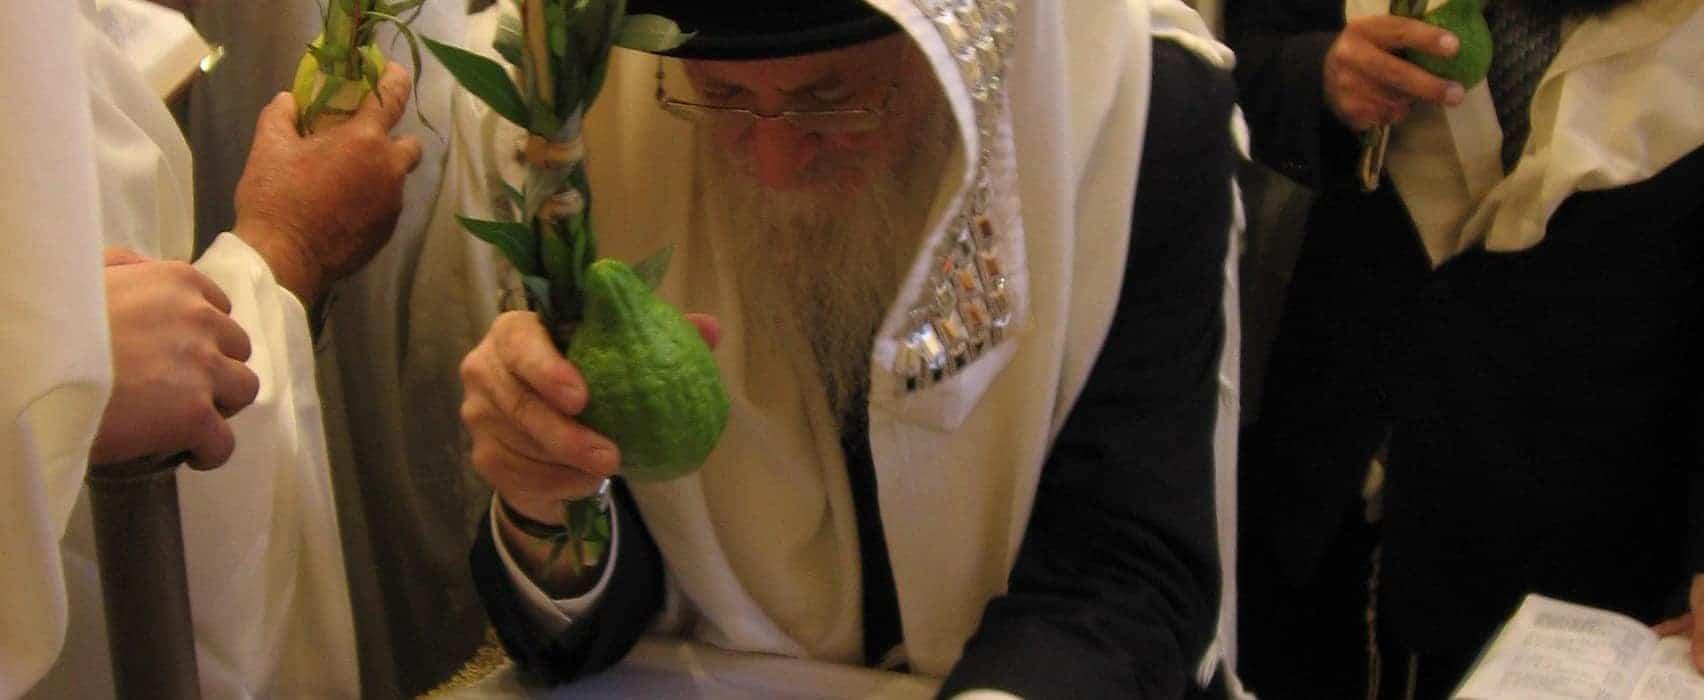 the light of rabbi mordechai eliyahu